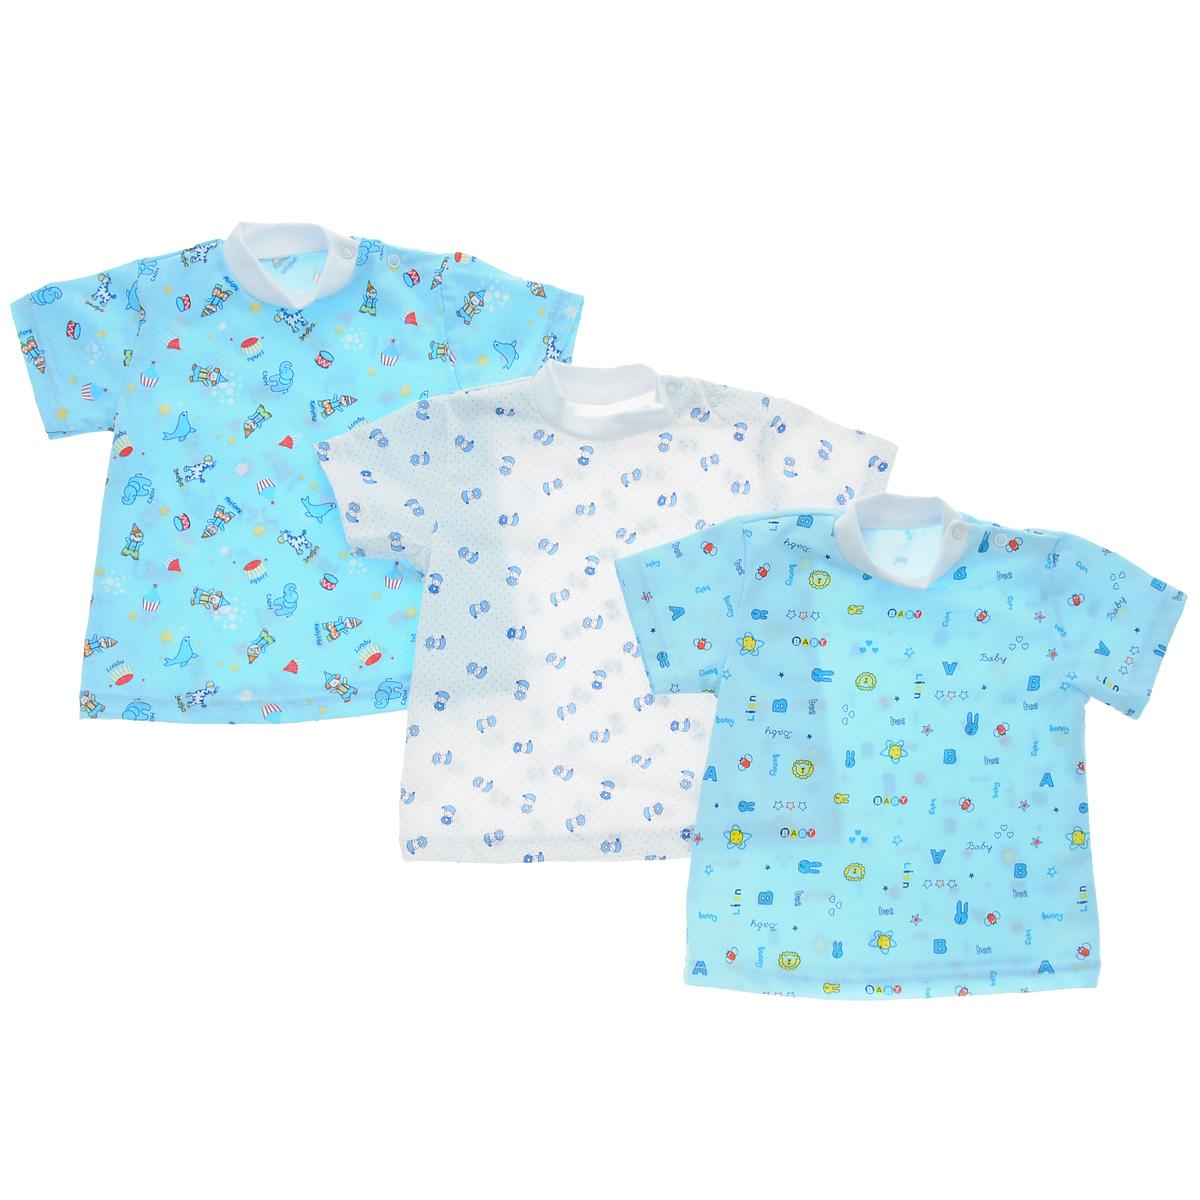 10-237мКомплект Фреш Стайл состоит из трех футболок для мальчика разных цветов с забавными рисунками. Выполненные из натурального хлопка, они необычайно мягкие и приятные на ощупь, не раздражают нежную кожу ребенка и хорошо вентилируются. Футболки с короткими рукавами и воротником-стойкой застегиваются на две застежки-кнопки по плечу, что помогает без проблем переодет малыша. Оригинальное сочетание тканей и забавный рисунок делают этот предмет детской одежды оригинальным и стильным. УВАЖАЕМЫЕ КЛИЕНТЫ! Обращаем ваше внимание на возможные изменения в дизайне, связанные с ассортиментом продукции: рисунок и цветовая гамма могут отличаться от представленного на изображении. Возможные варианты рисунков и цветов представлены на отдельном изображении фрагментом ткани.